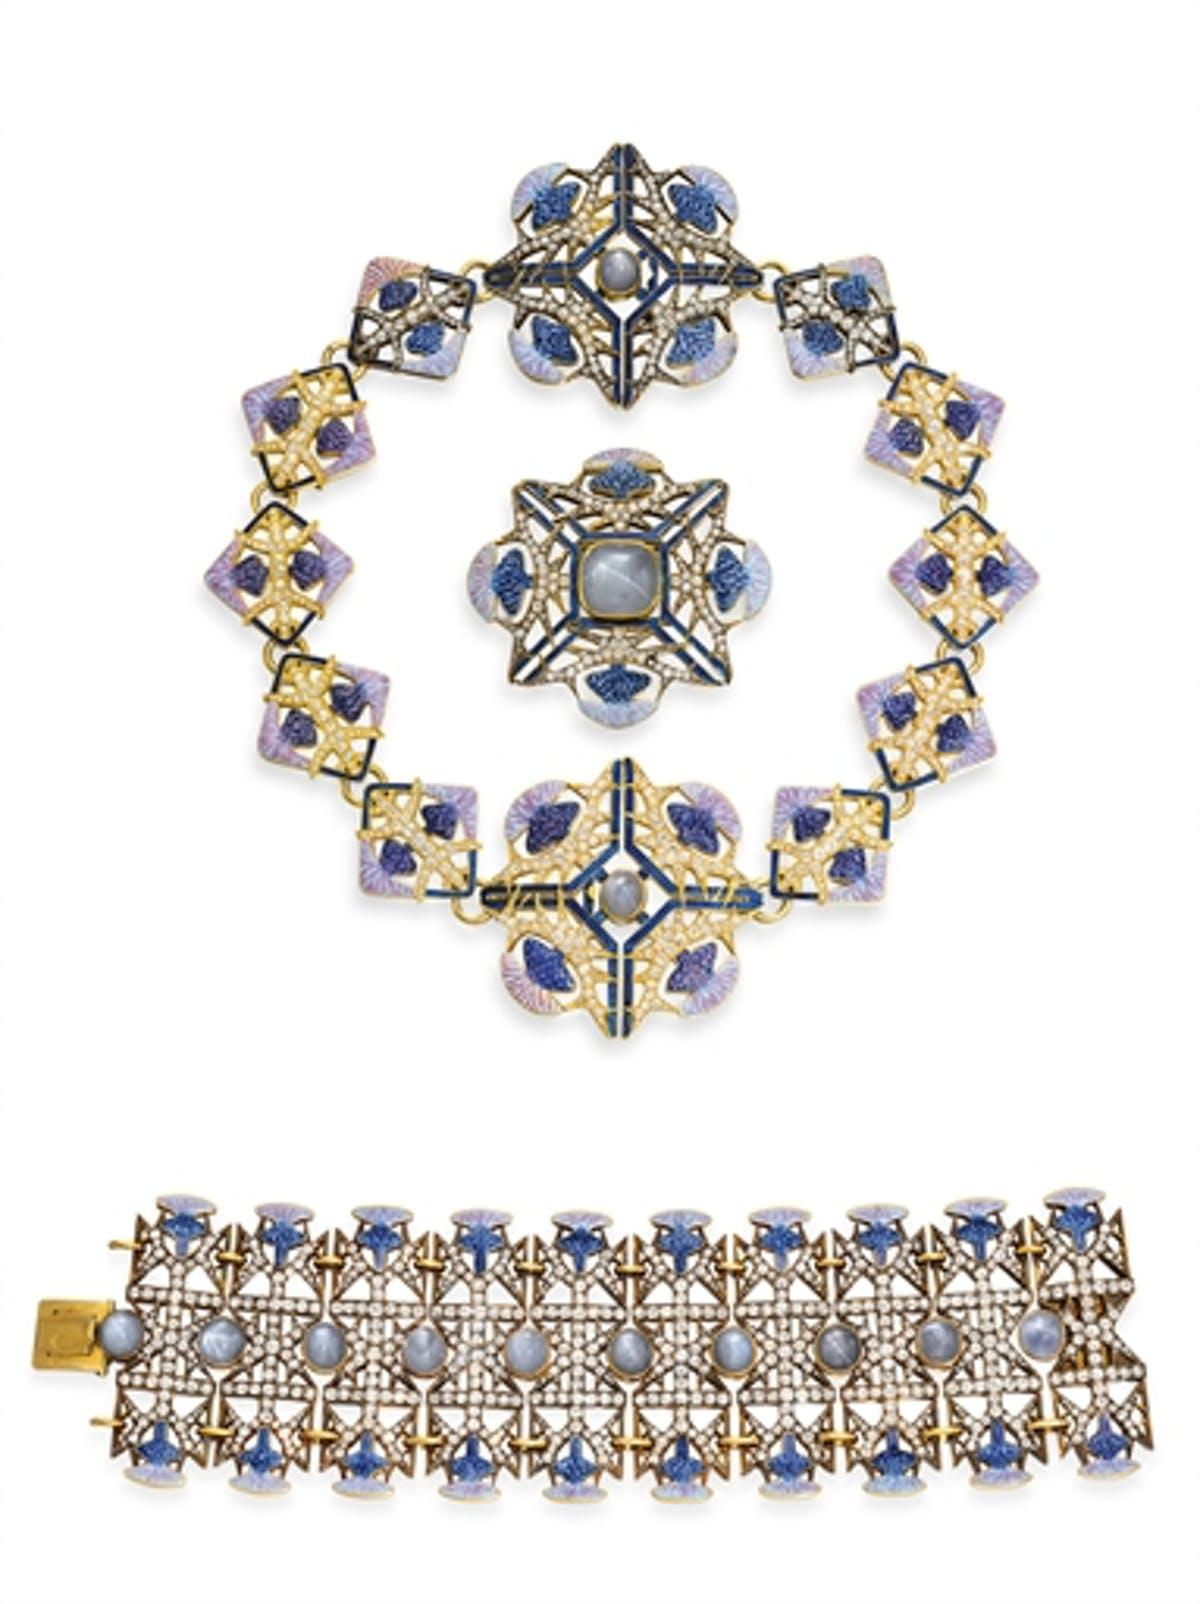 René Lalique 'Thistle', halsband designat som ett spjälverk med tistlar i mörkblå, lavendel och rosa emalj, safir, diamantlöv och taggar med geometriska emaljdetaljer i blått, 18k guld. Samt brosch och armband i samma material. Formgivet år 1900. Bild: Barnebys